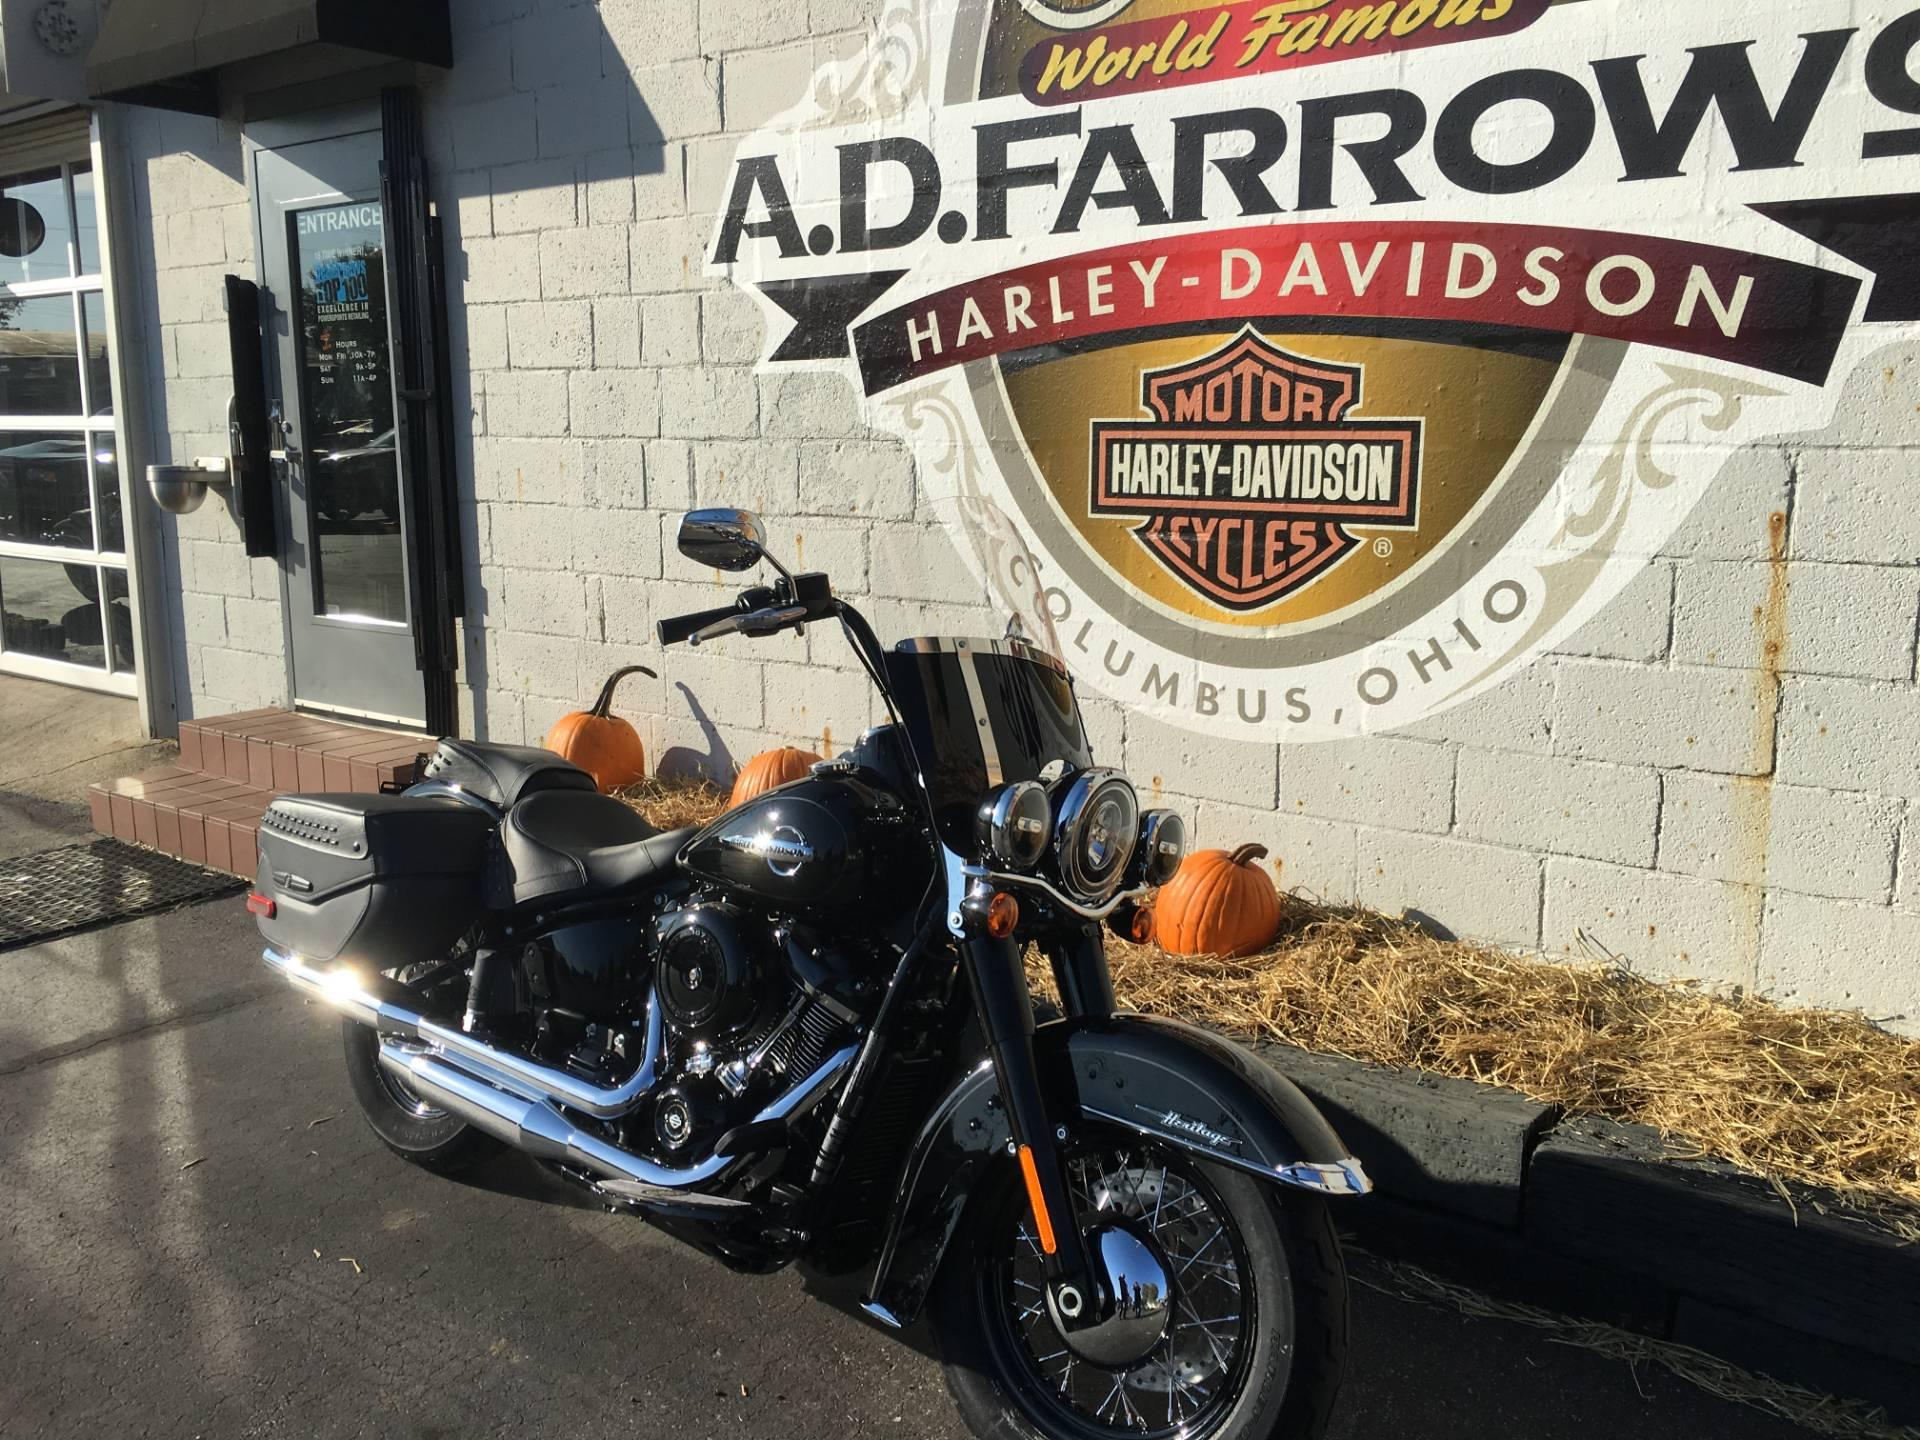 2018 Harley-Davidson Heritage Clic 107 Motorcycles Sunbury Ohio